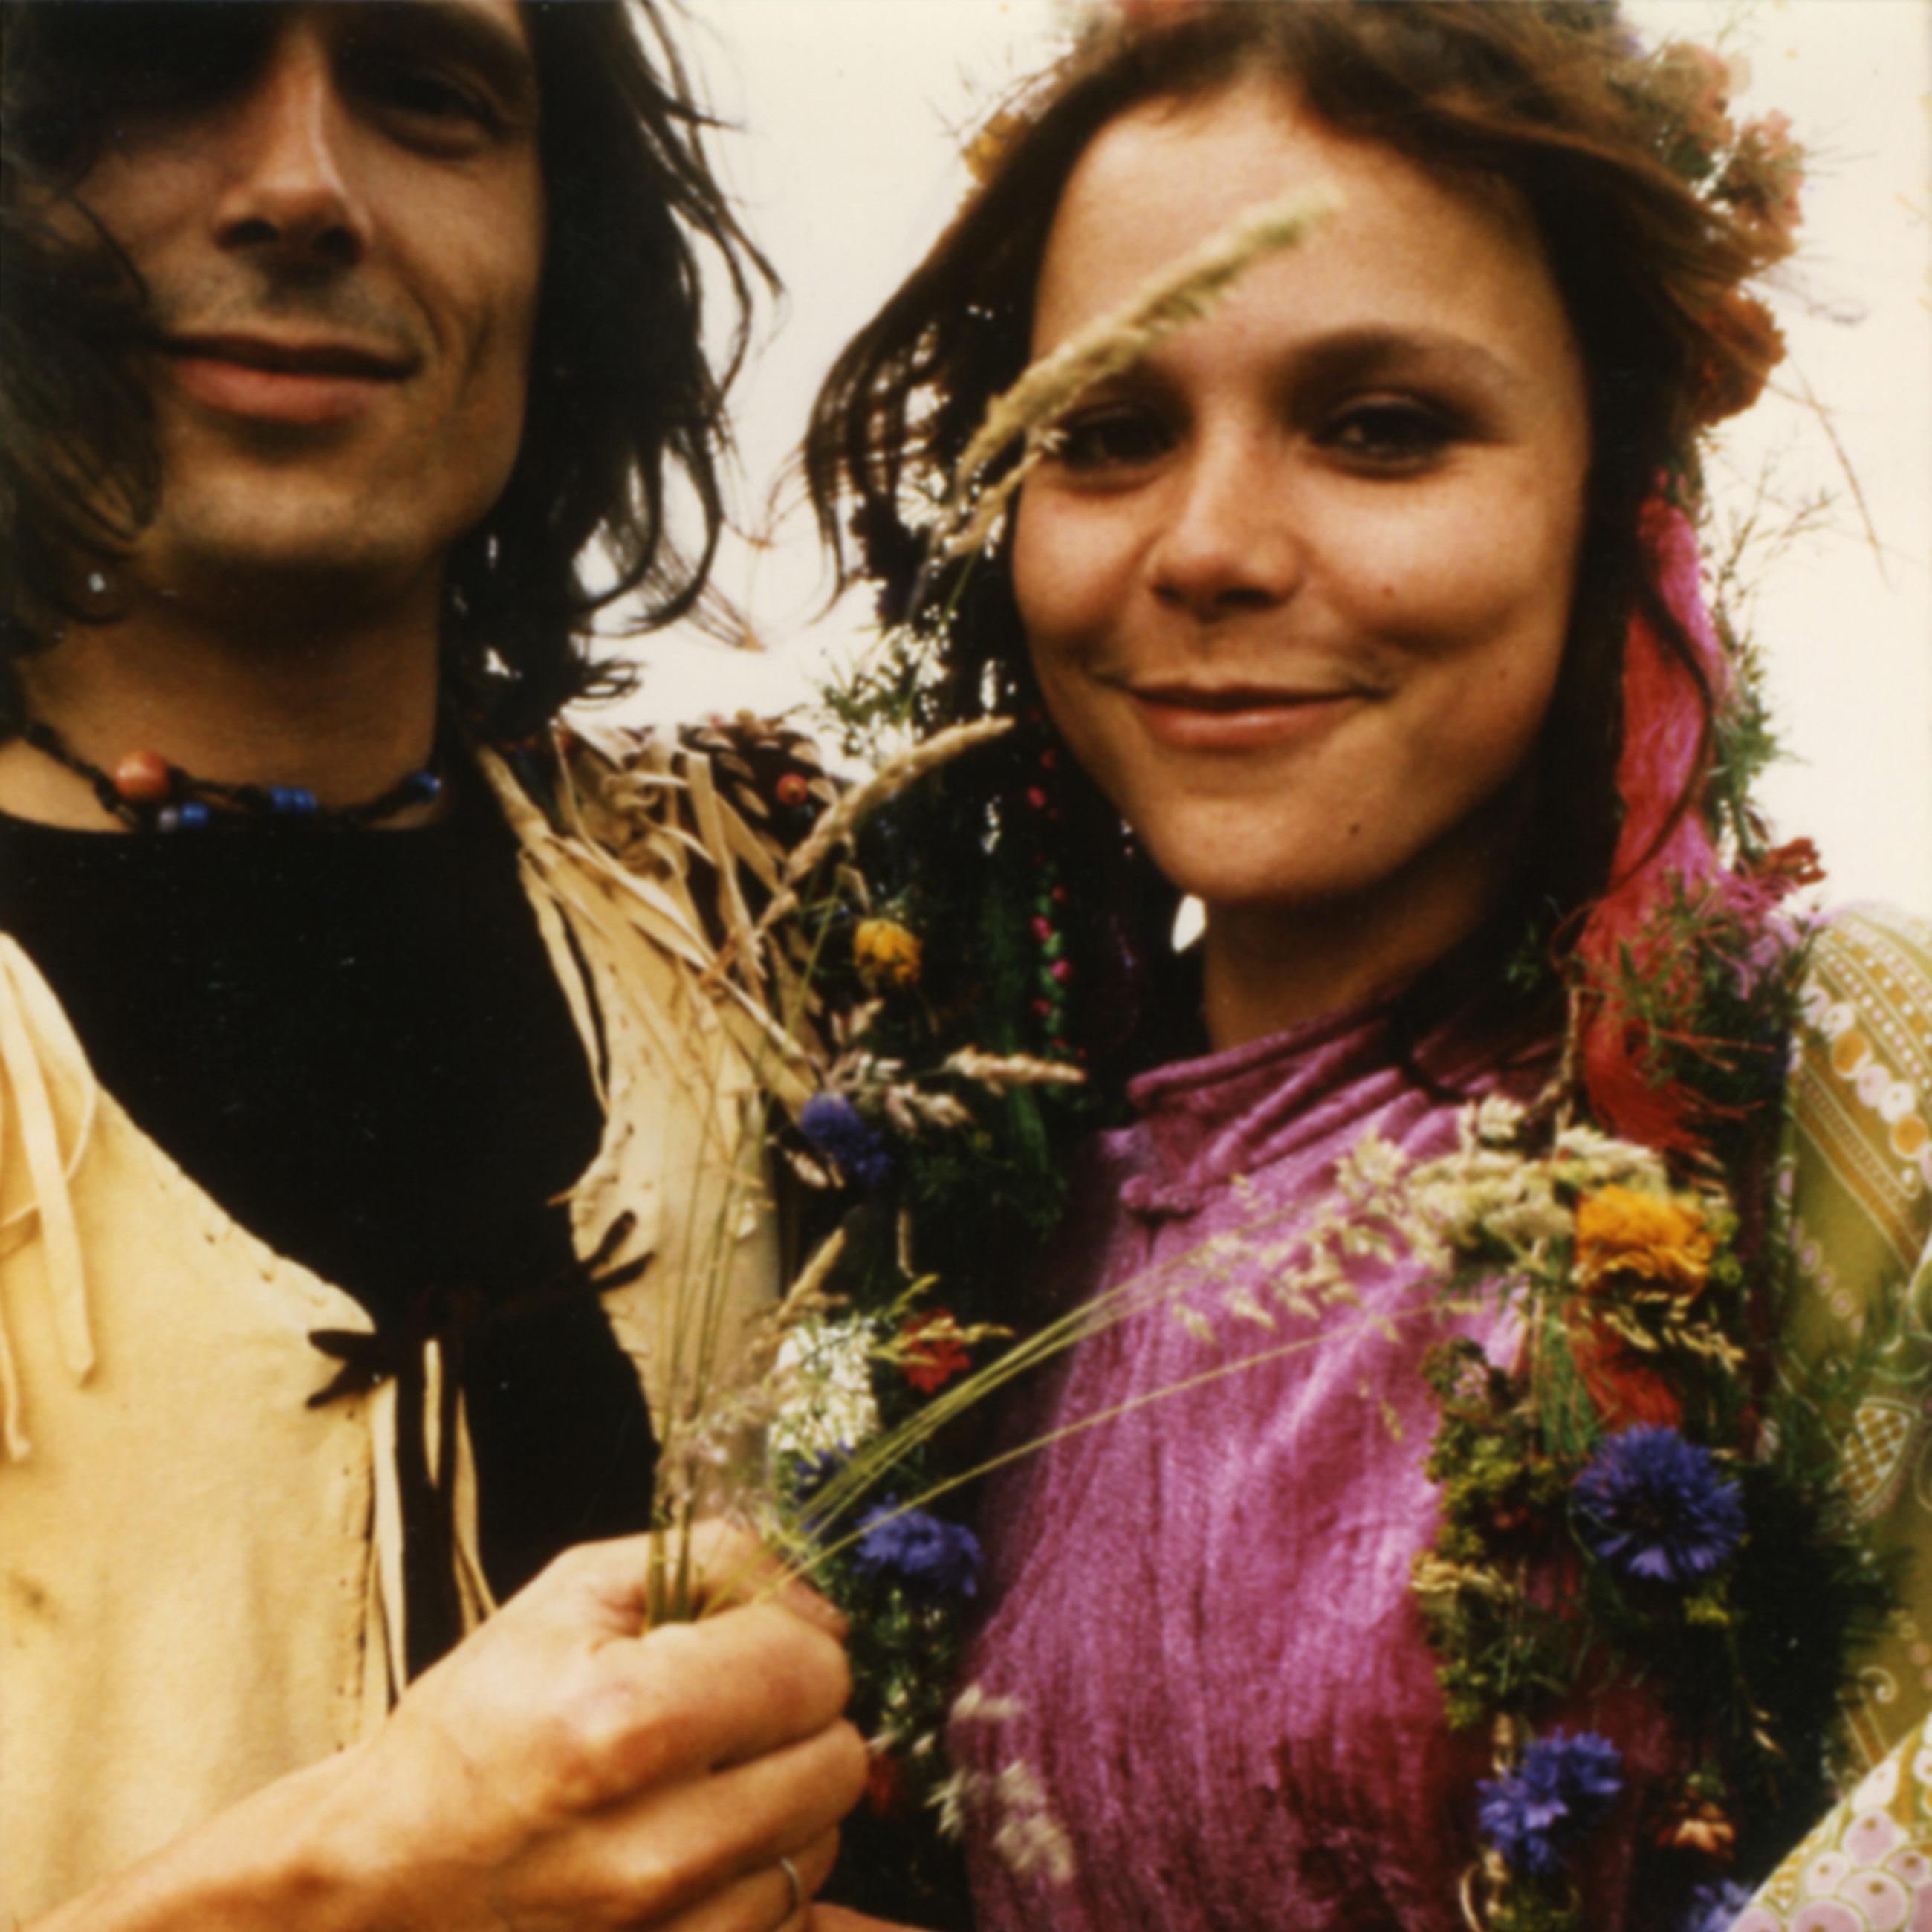 Foto de boda de la leyenda del cannabis Mila Jansen y de su marido Hans Swart, tomada en 1971.